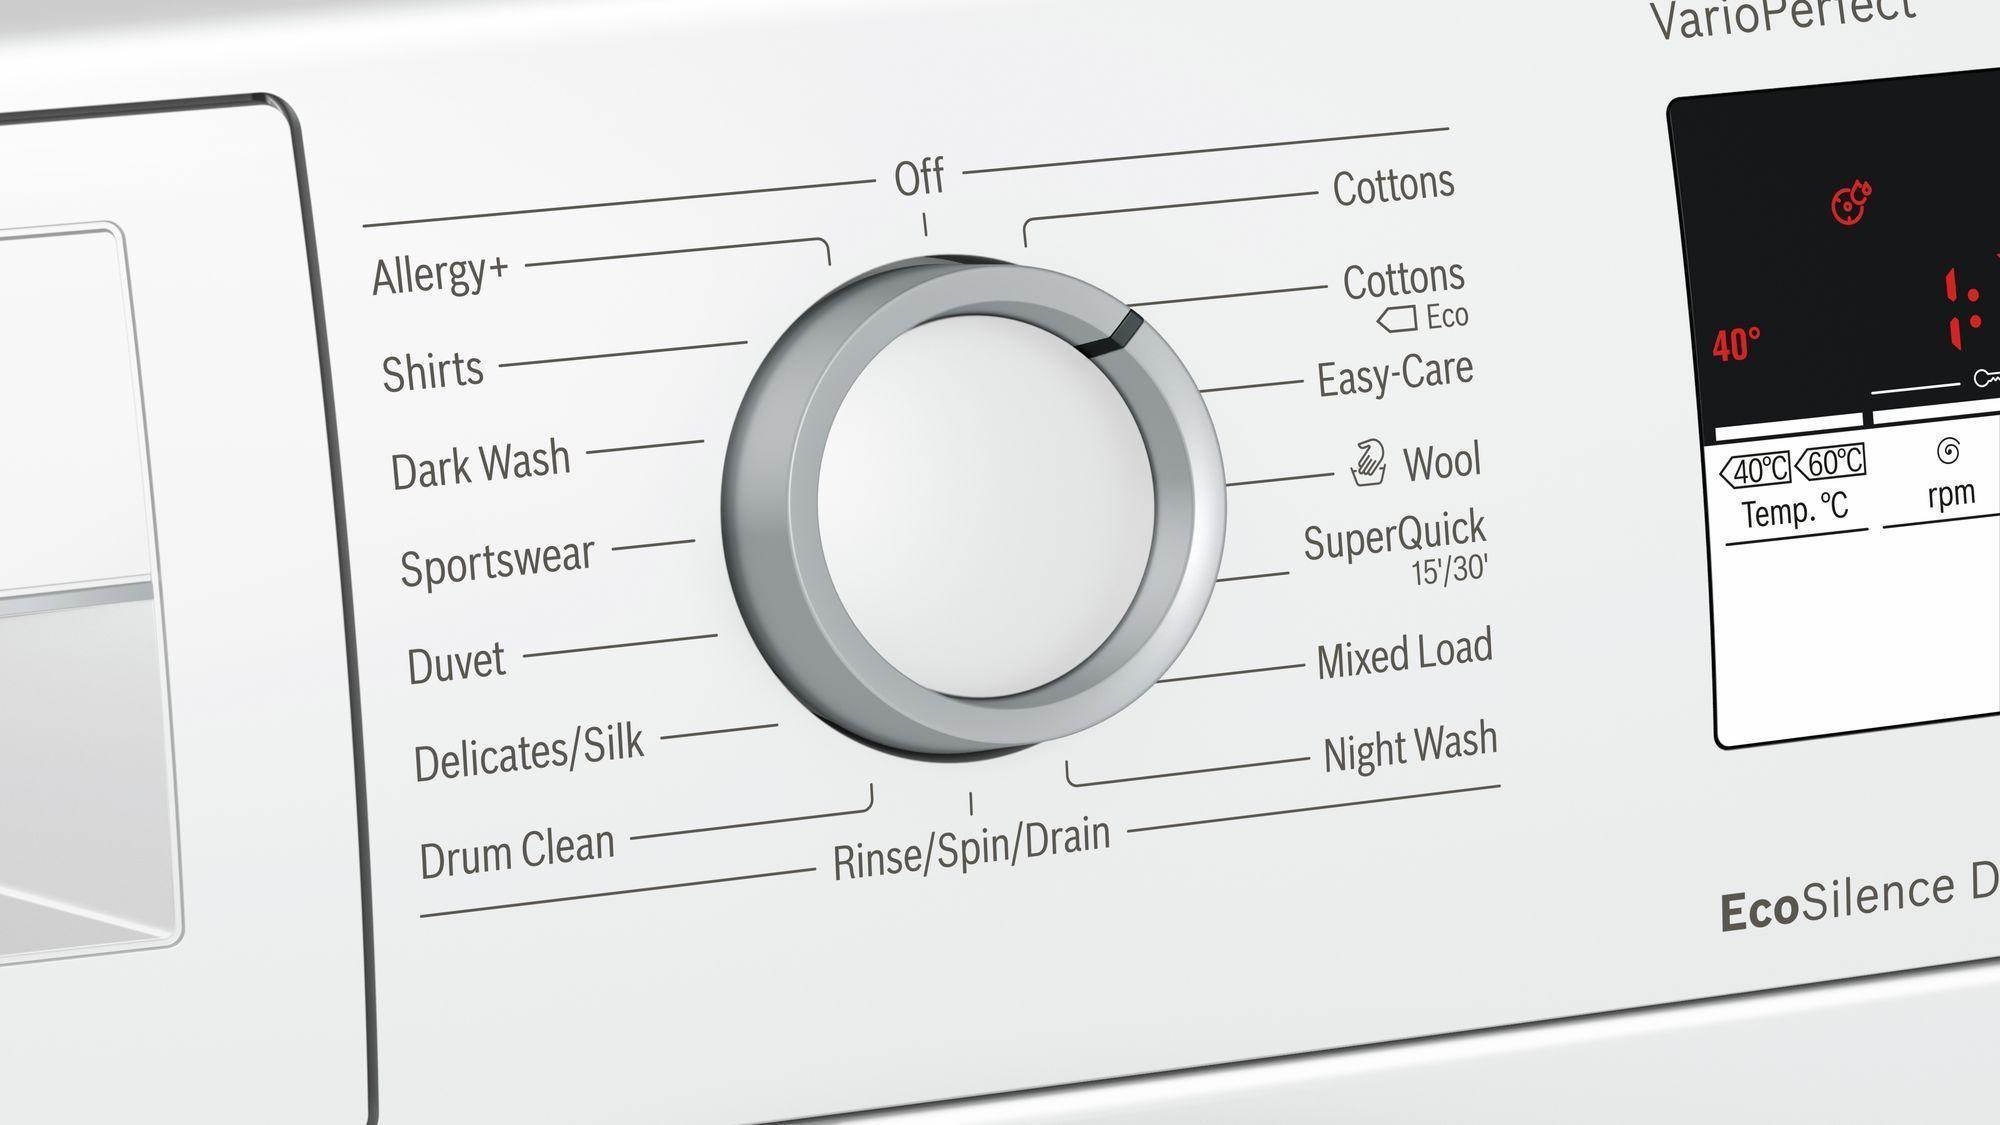 Review: Bosch WAN28108GB Freestanding Washing Machine 1